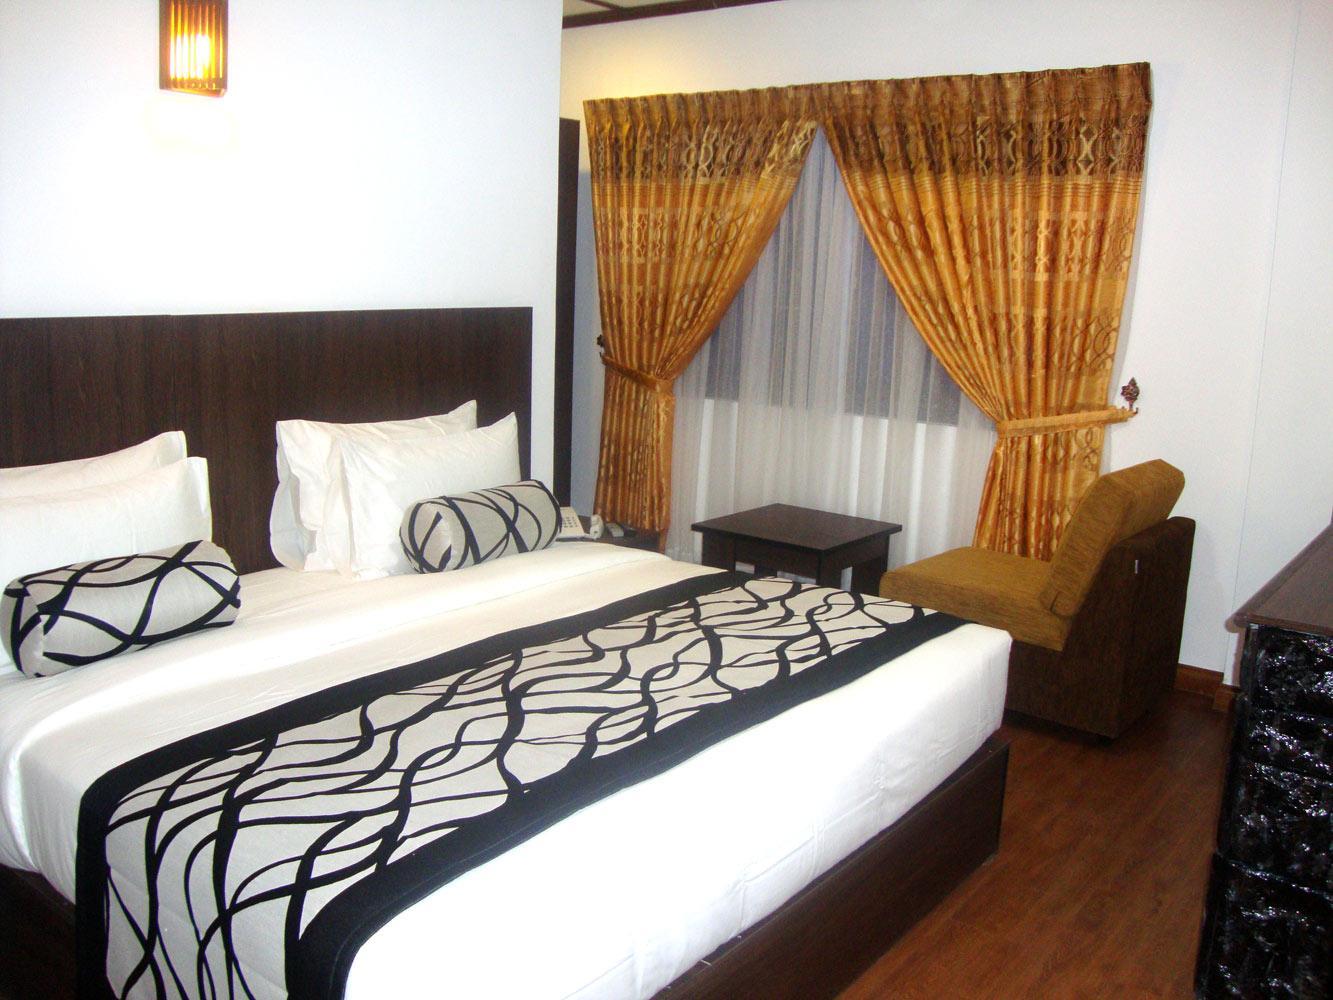 Hotels Jojos